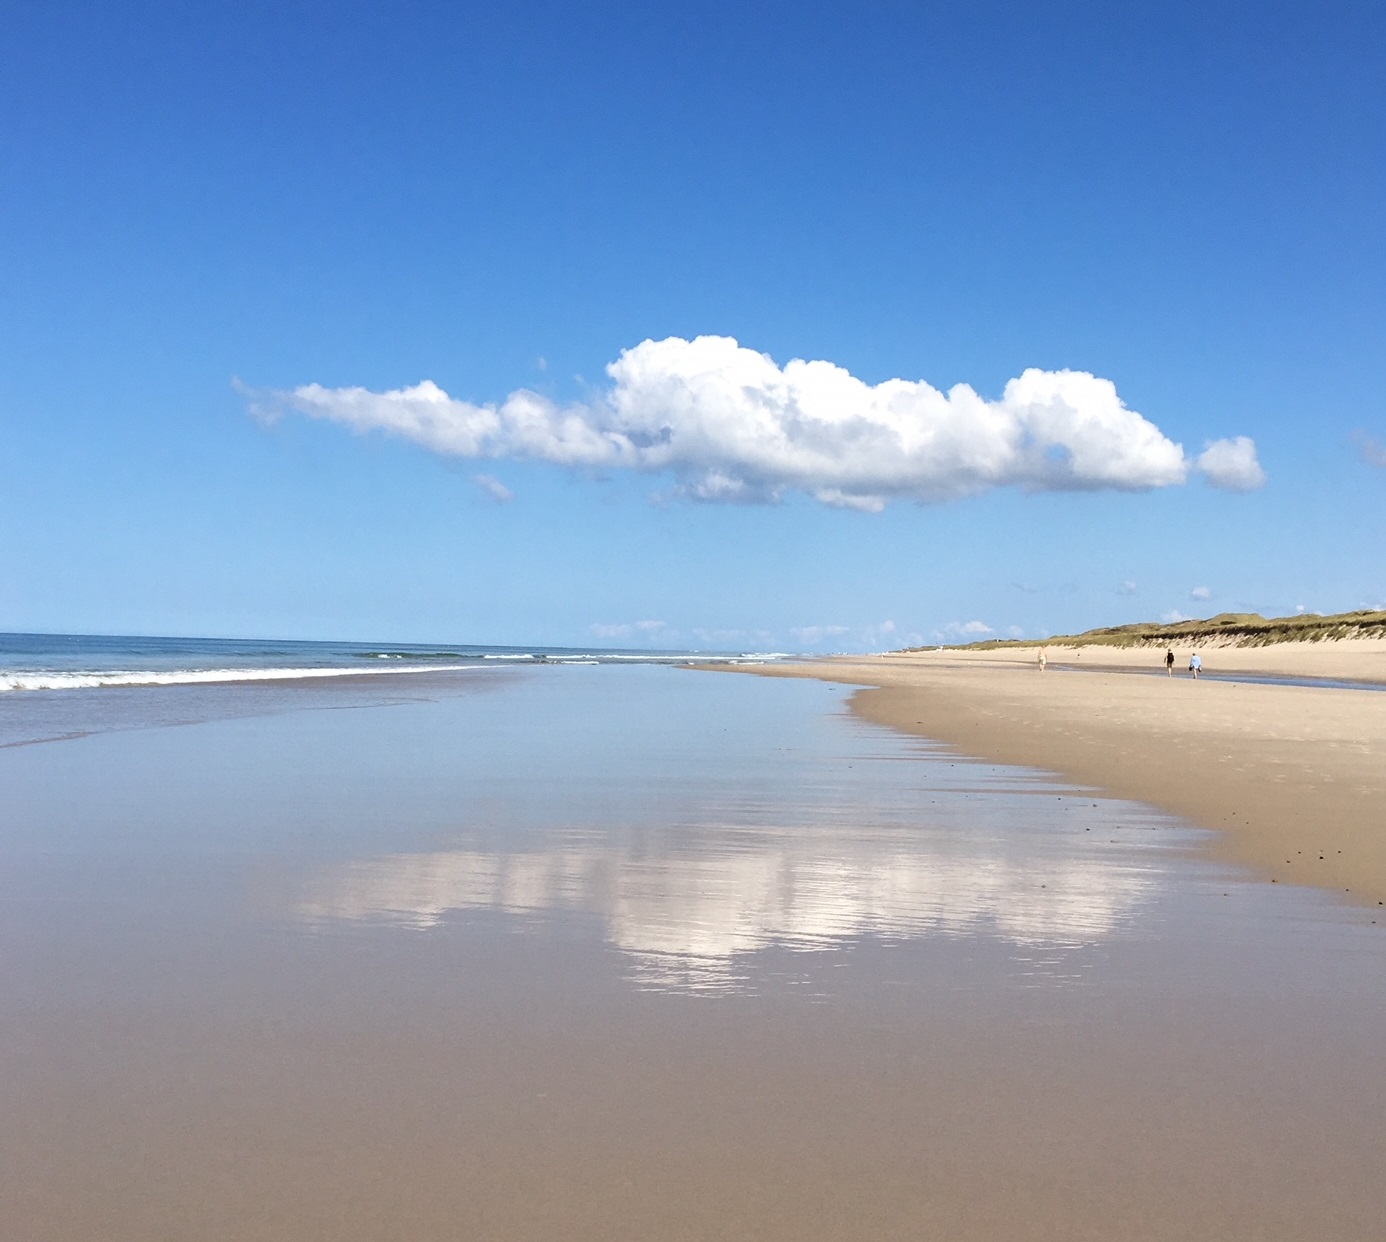 insel sylt sansibar strand sommer sand meer und eine wolke